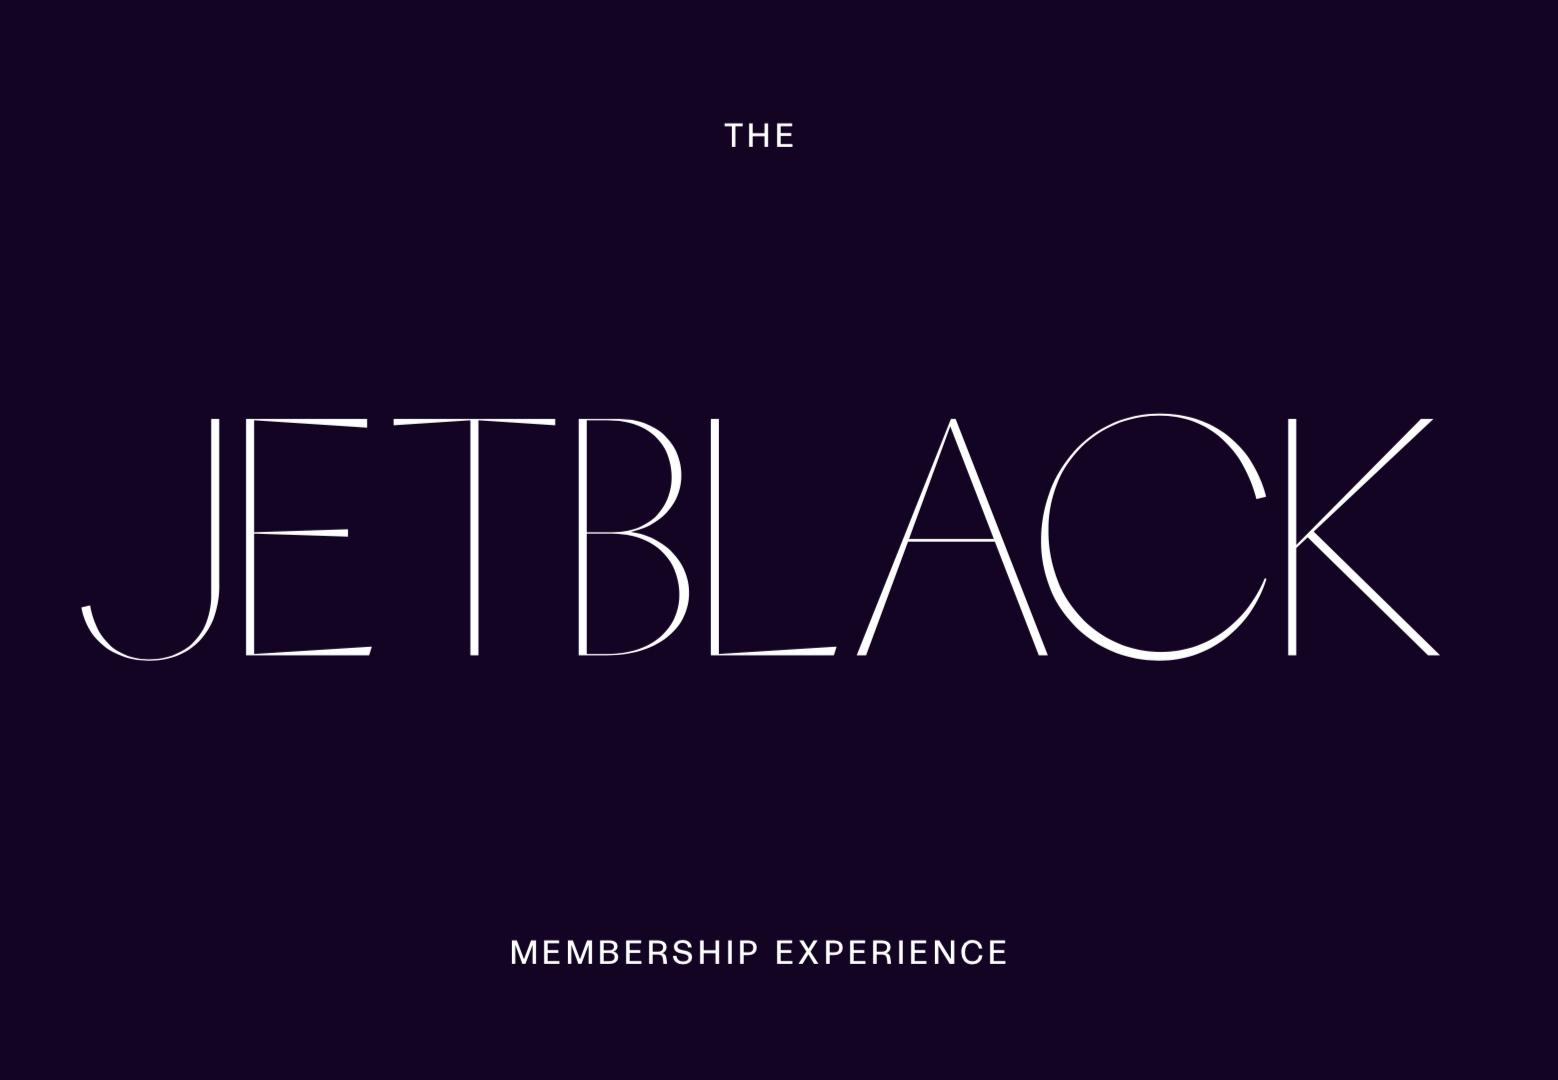 JetBlack_Logo.png